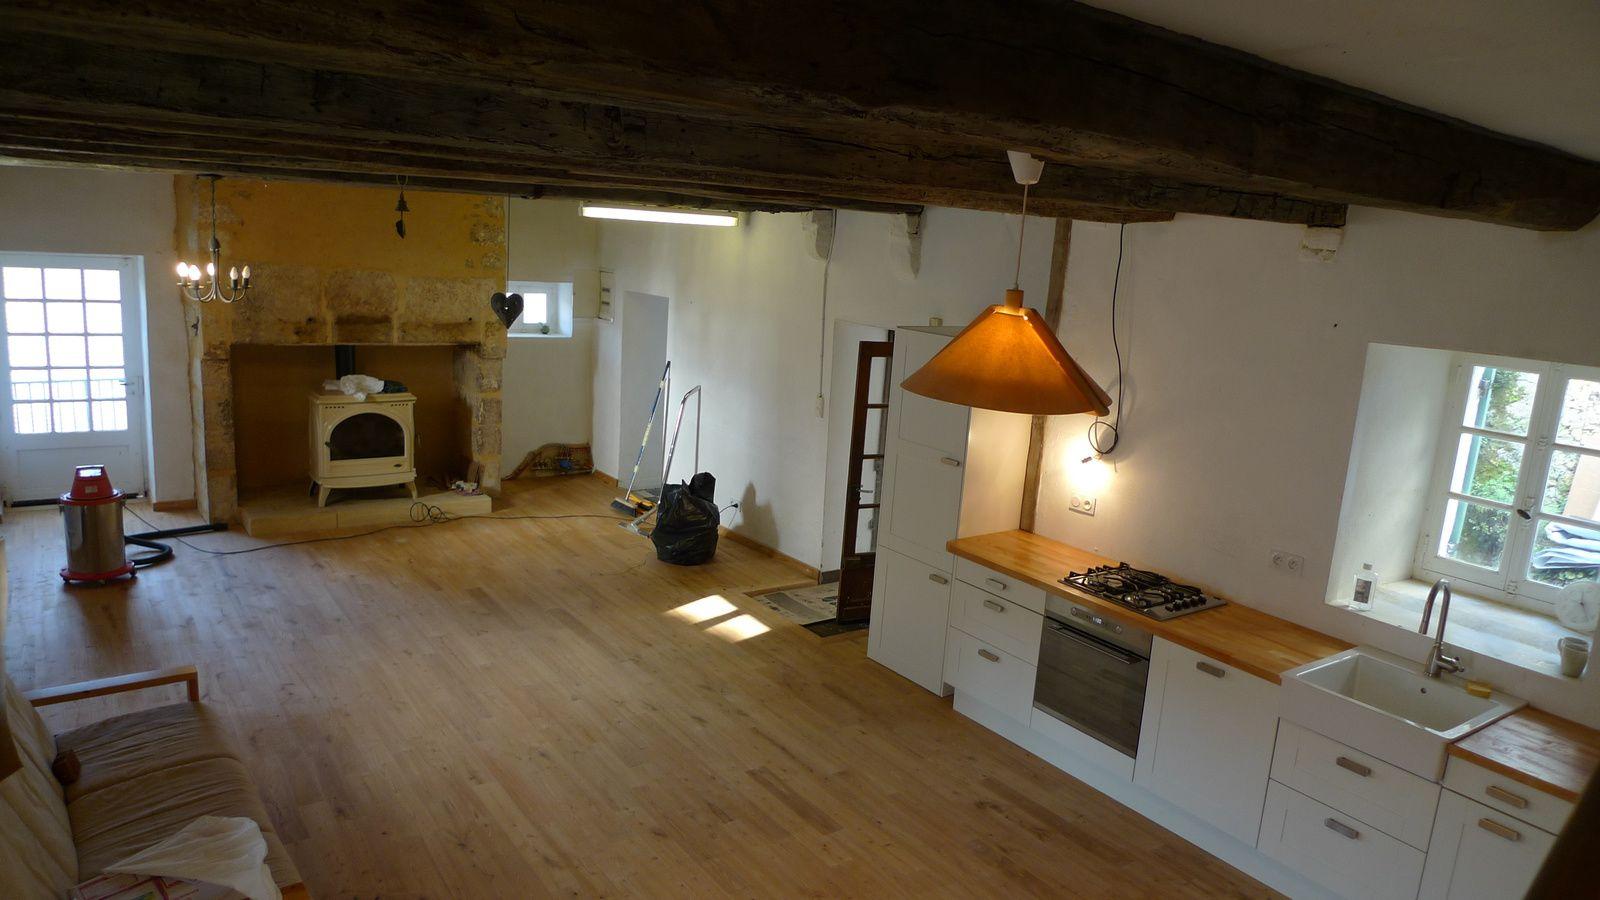 Amenager une cheminee ancienne le salon est la pice o on aime prendre du temps se dtendre et se - Demolition cheminee ancienne ...